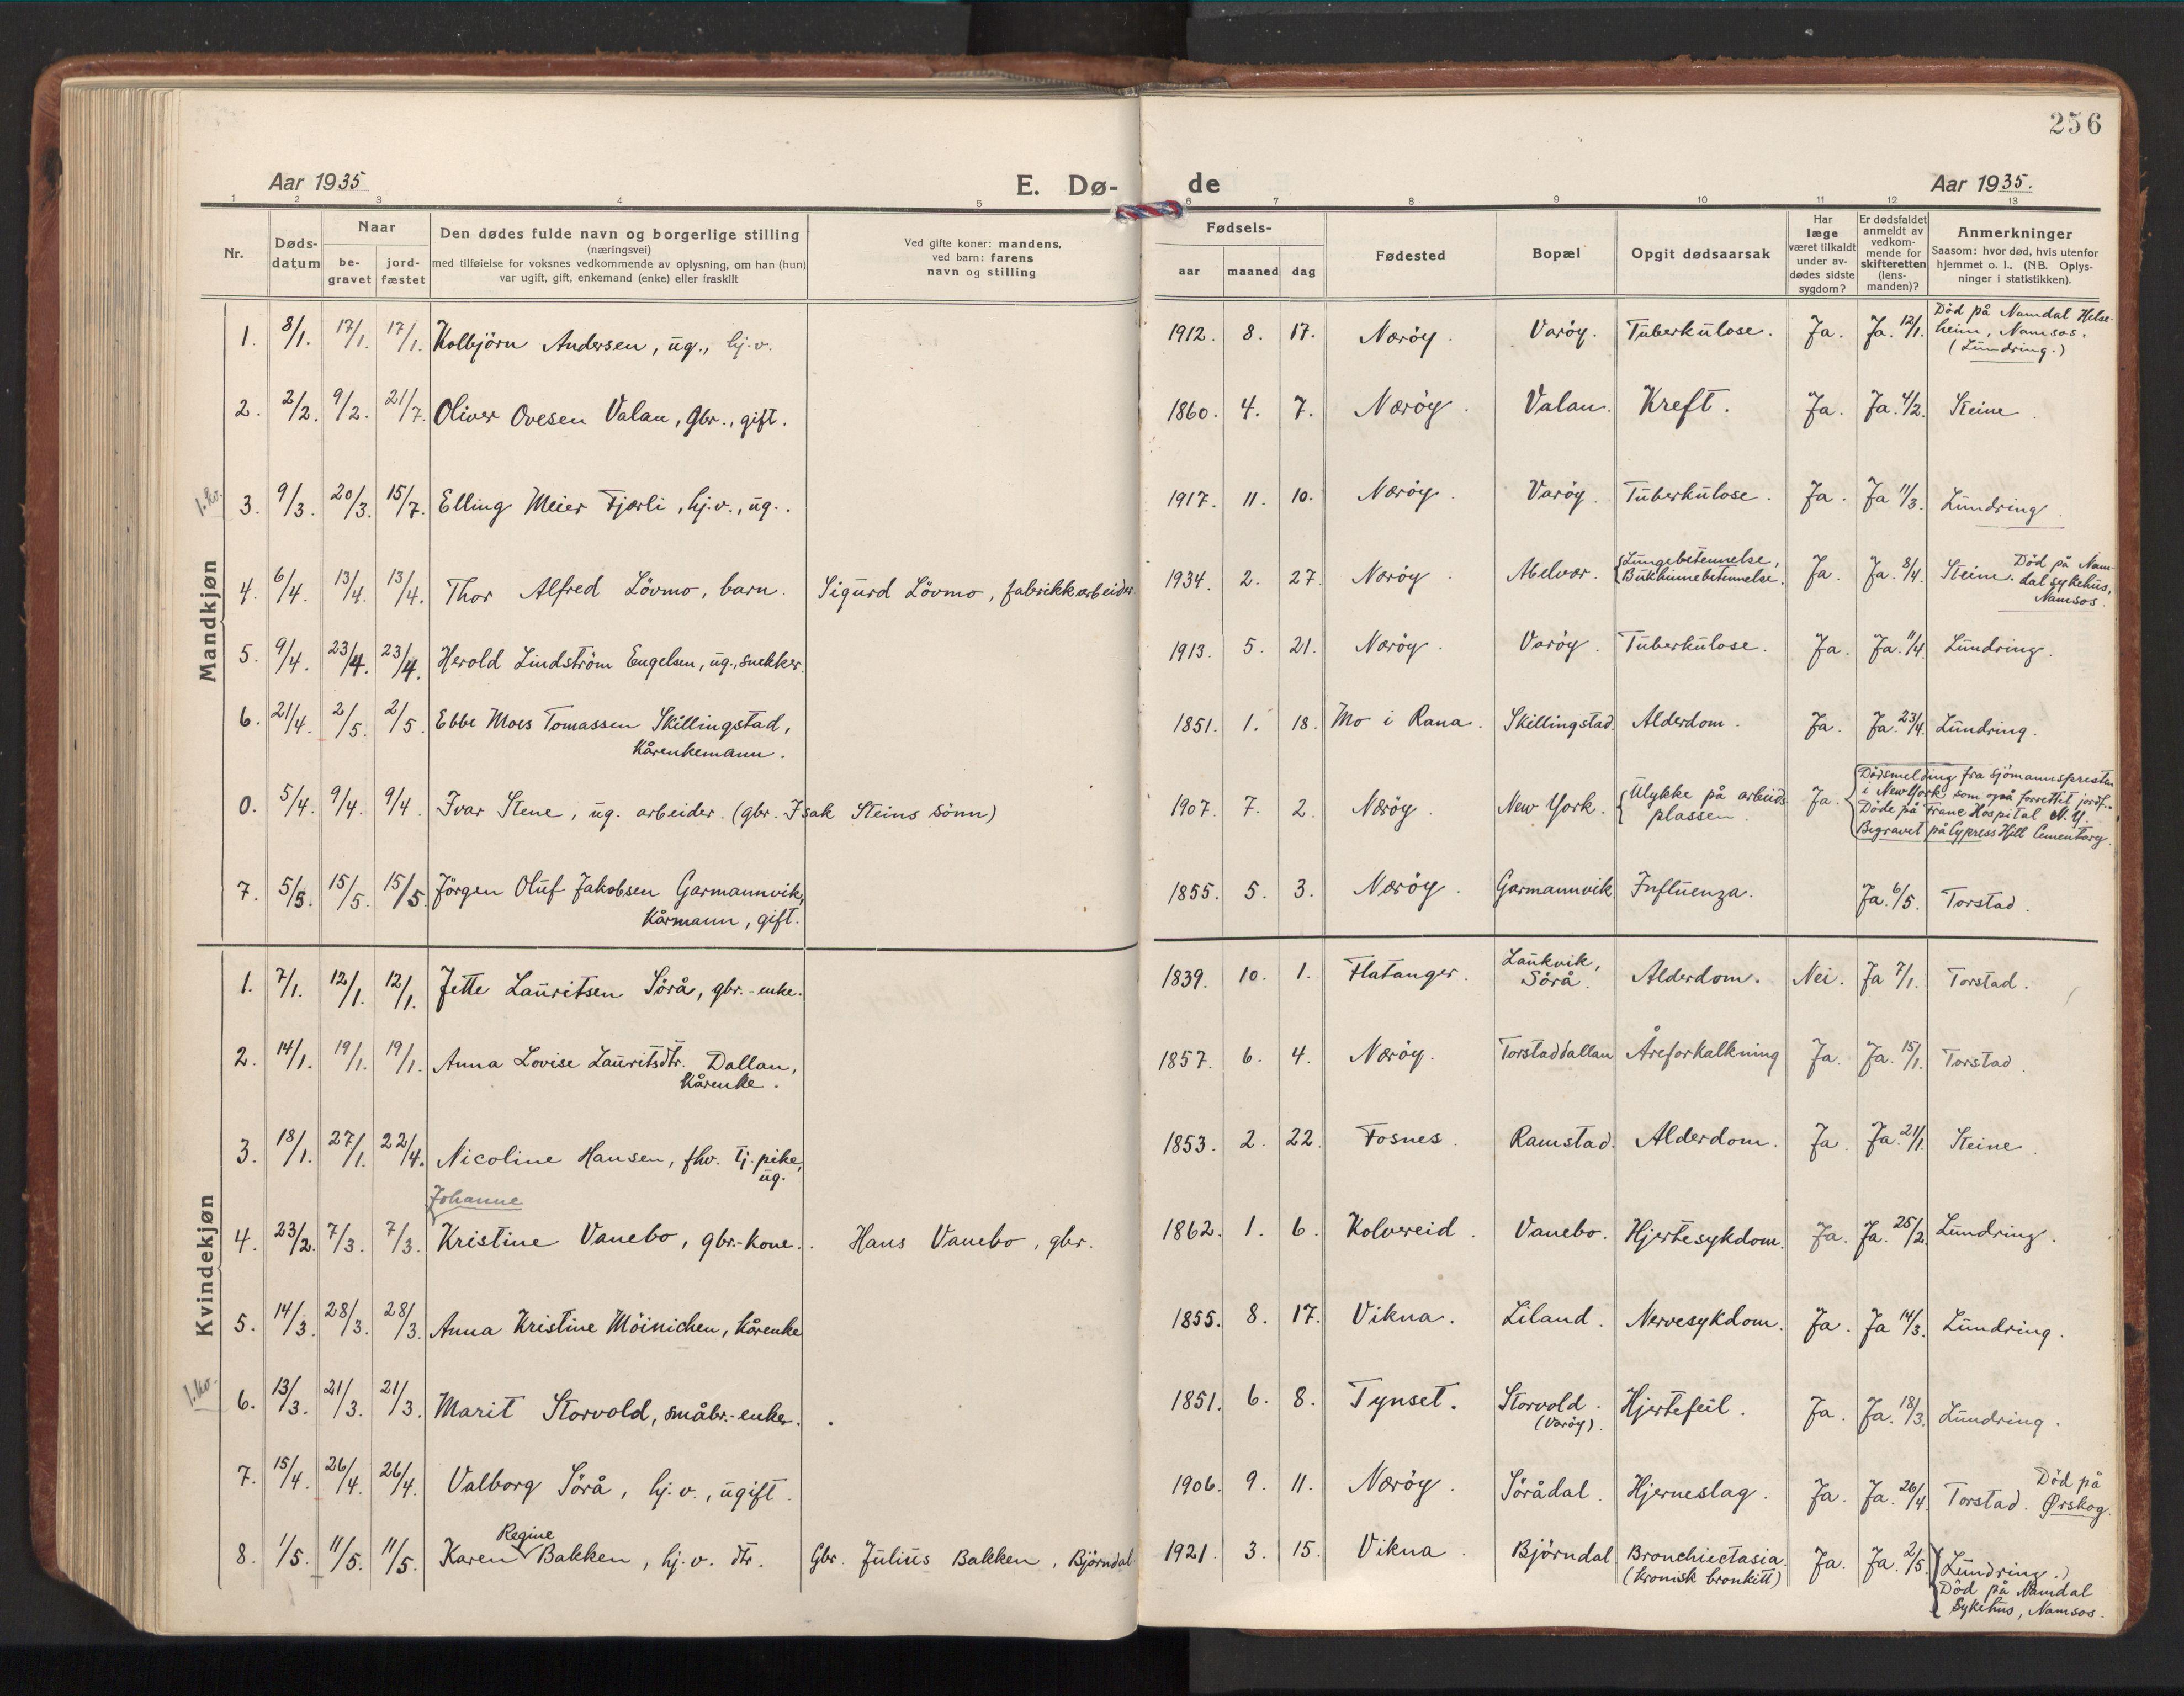 SAT, Ministerialprotokoller, klokkerbøker og fødselsregistre - Nord-Trøndelag, 784/L0678: Ministerialbok nr. 784A13, 1921-1938, s. 256